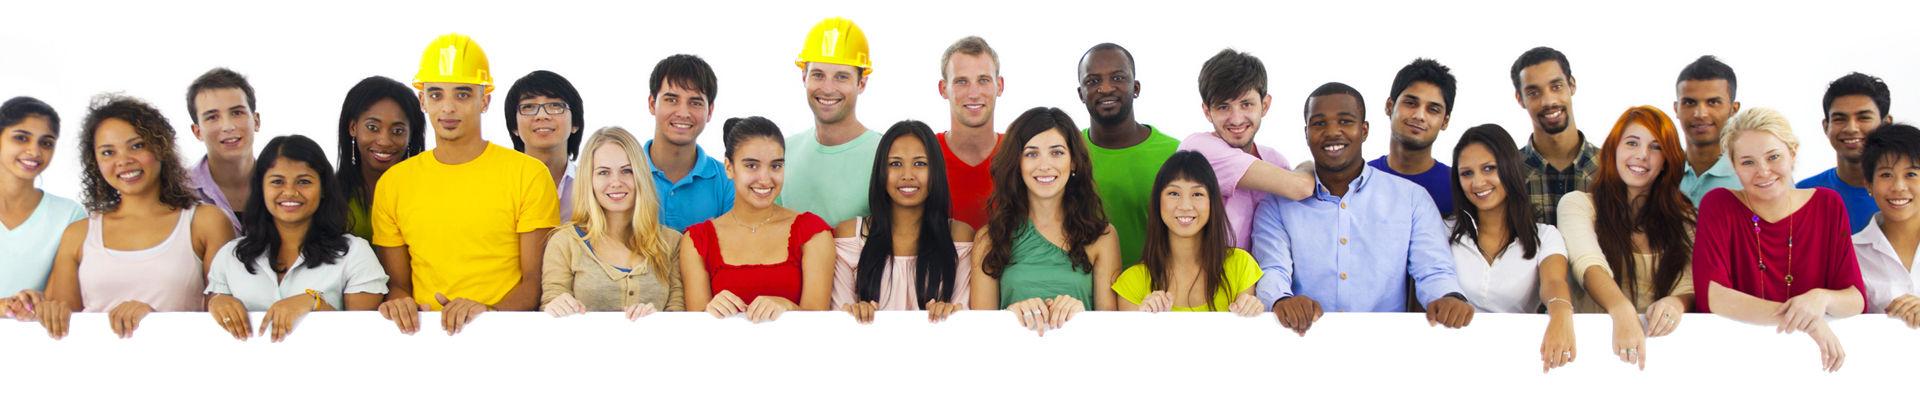 Community Builder Joomla